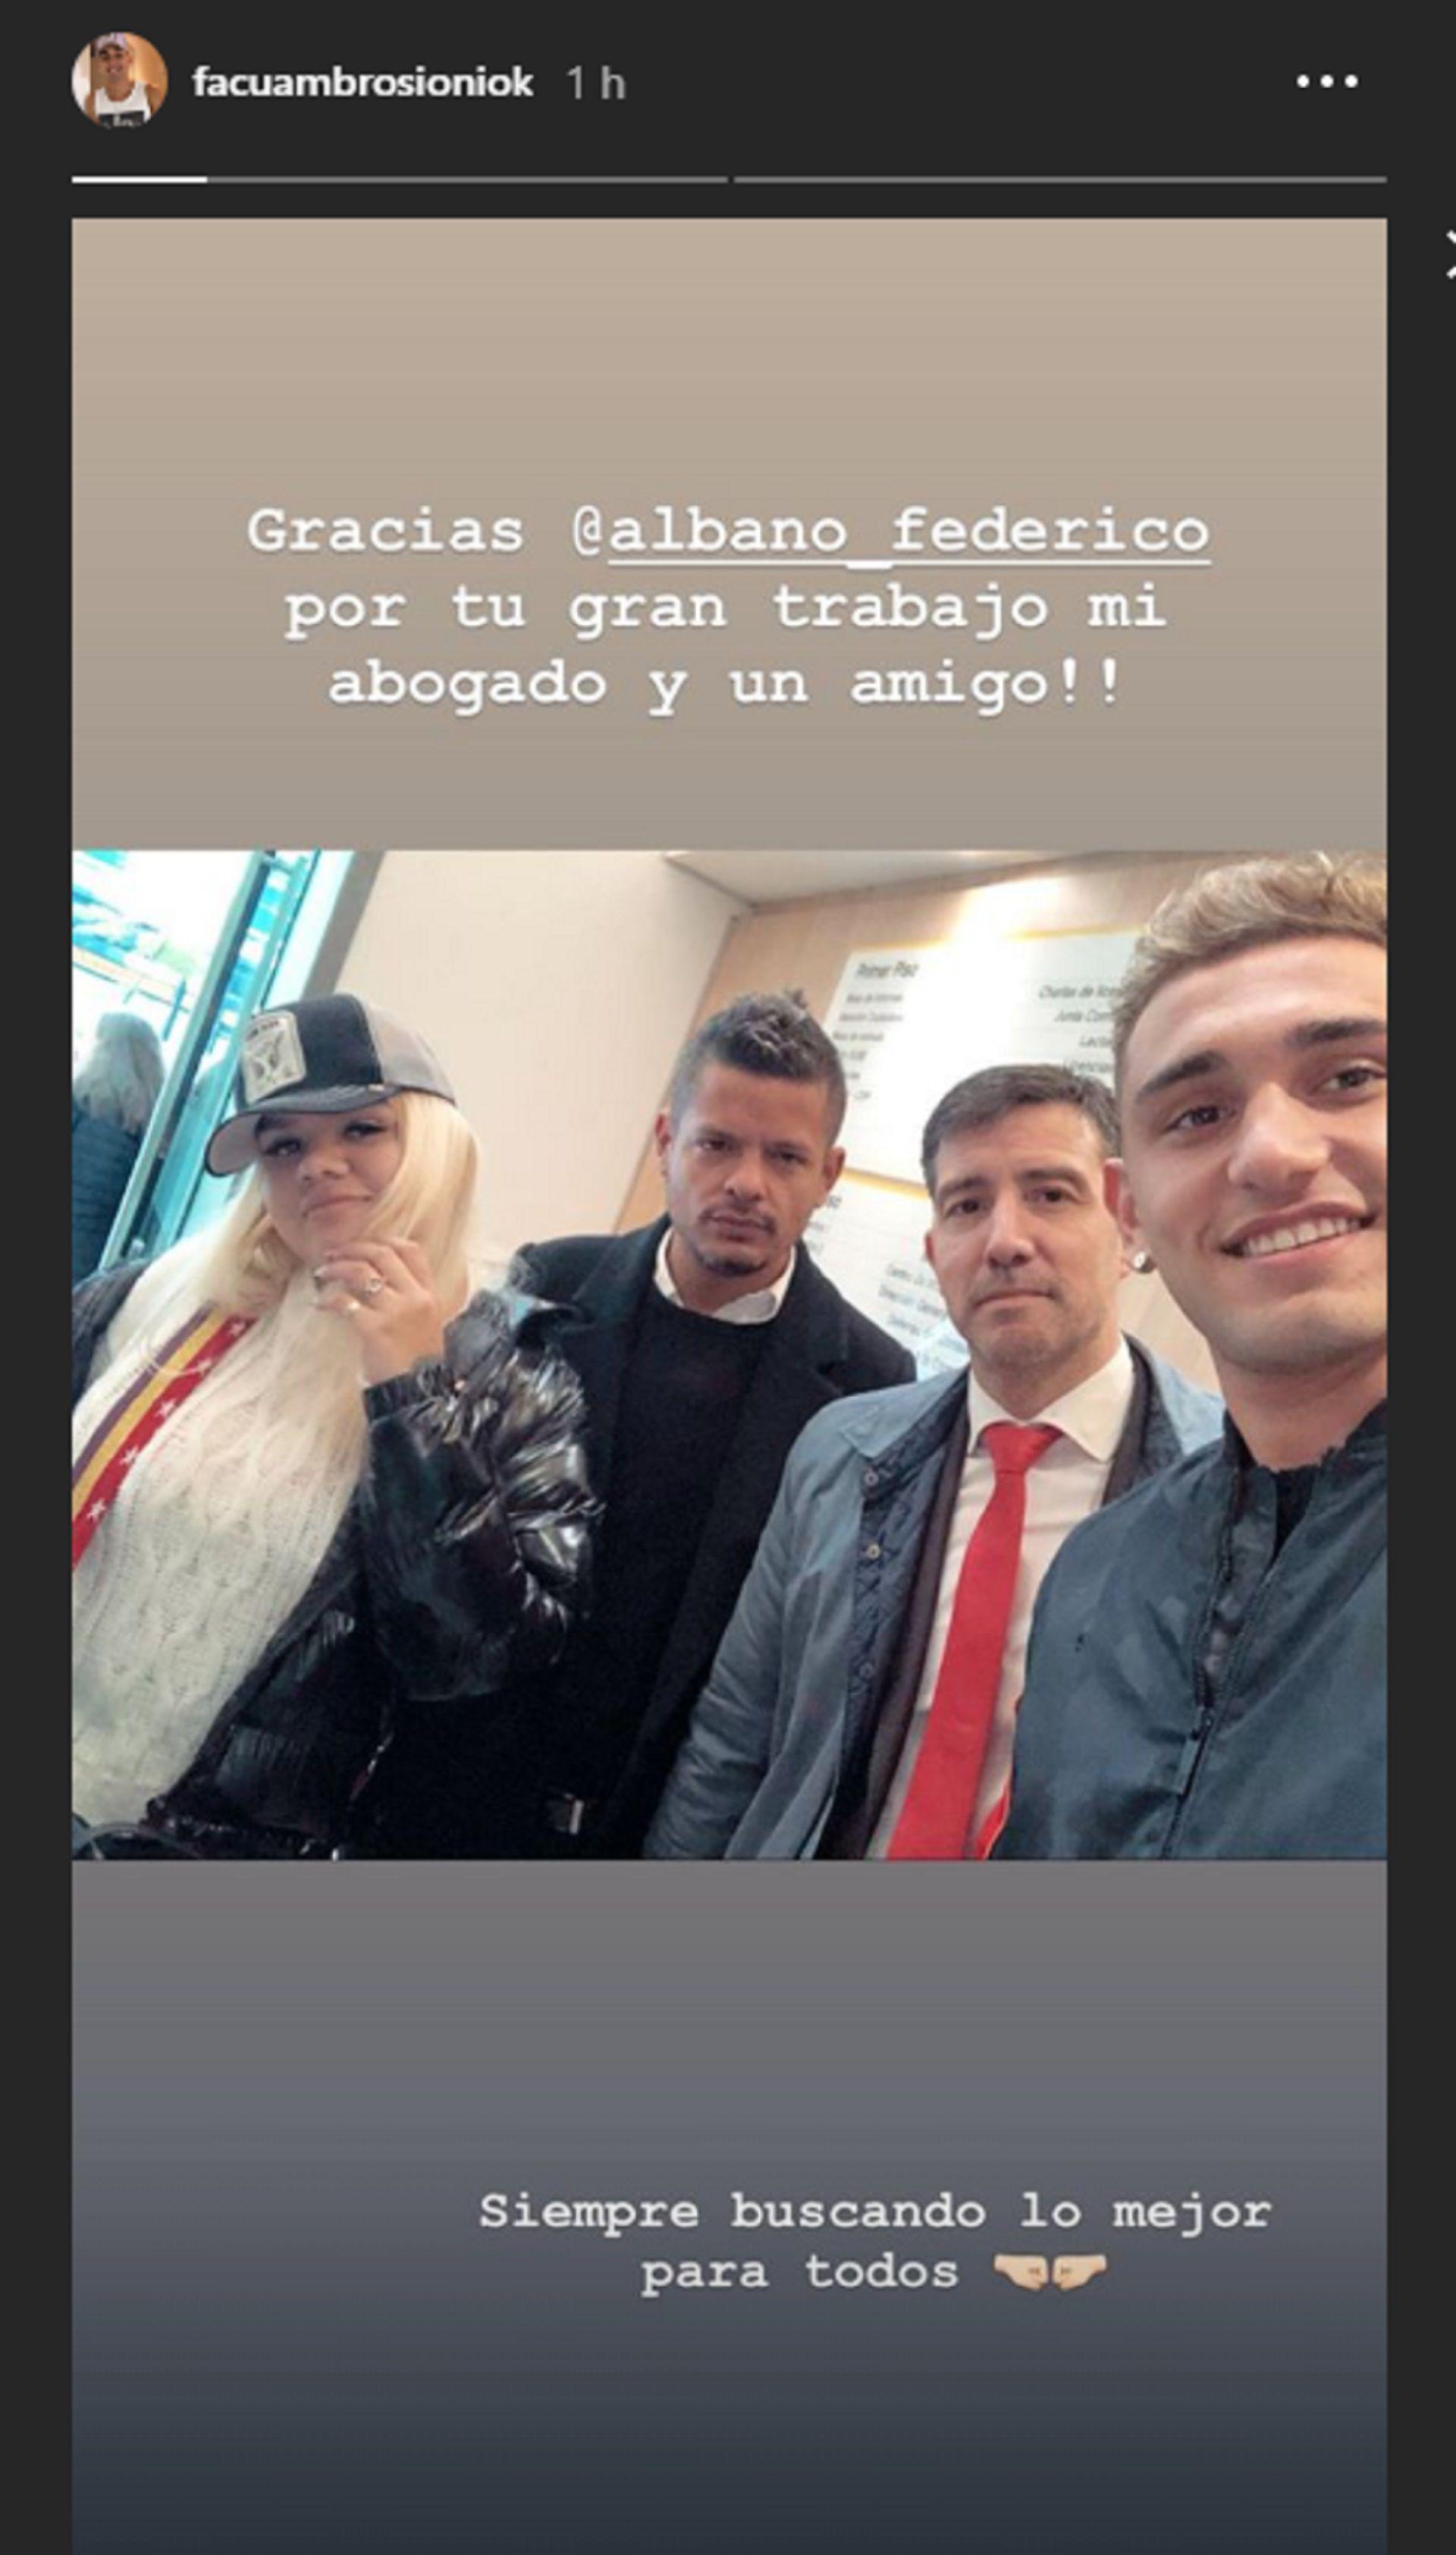 El mensaje de Facundo Ambrosioni tras firmar el acuerdo con Morena Rial